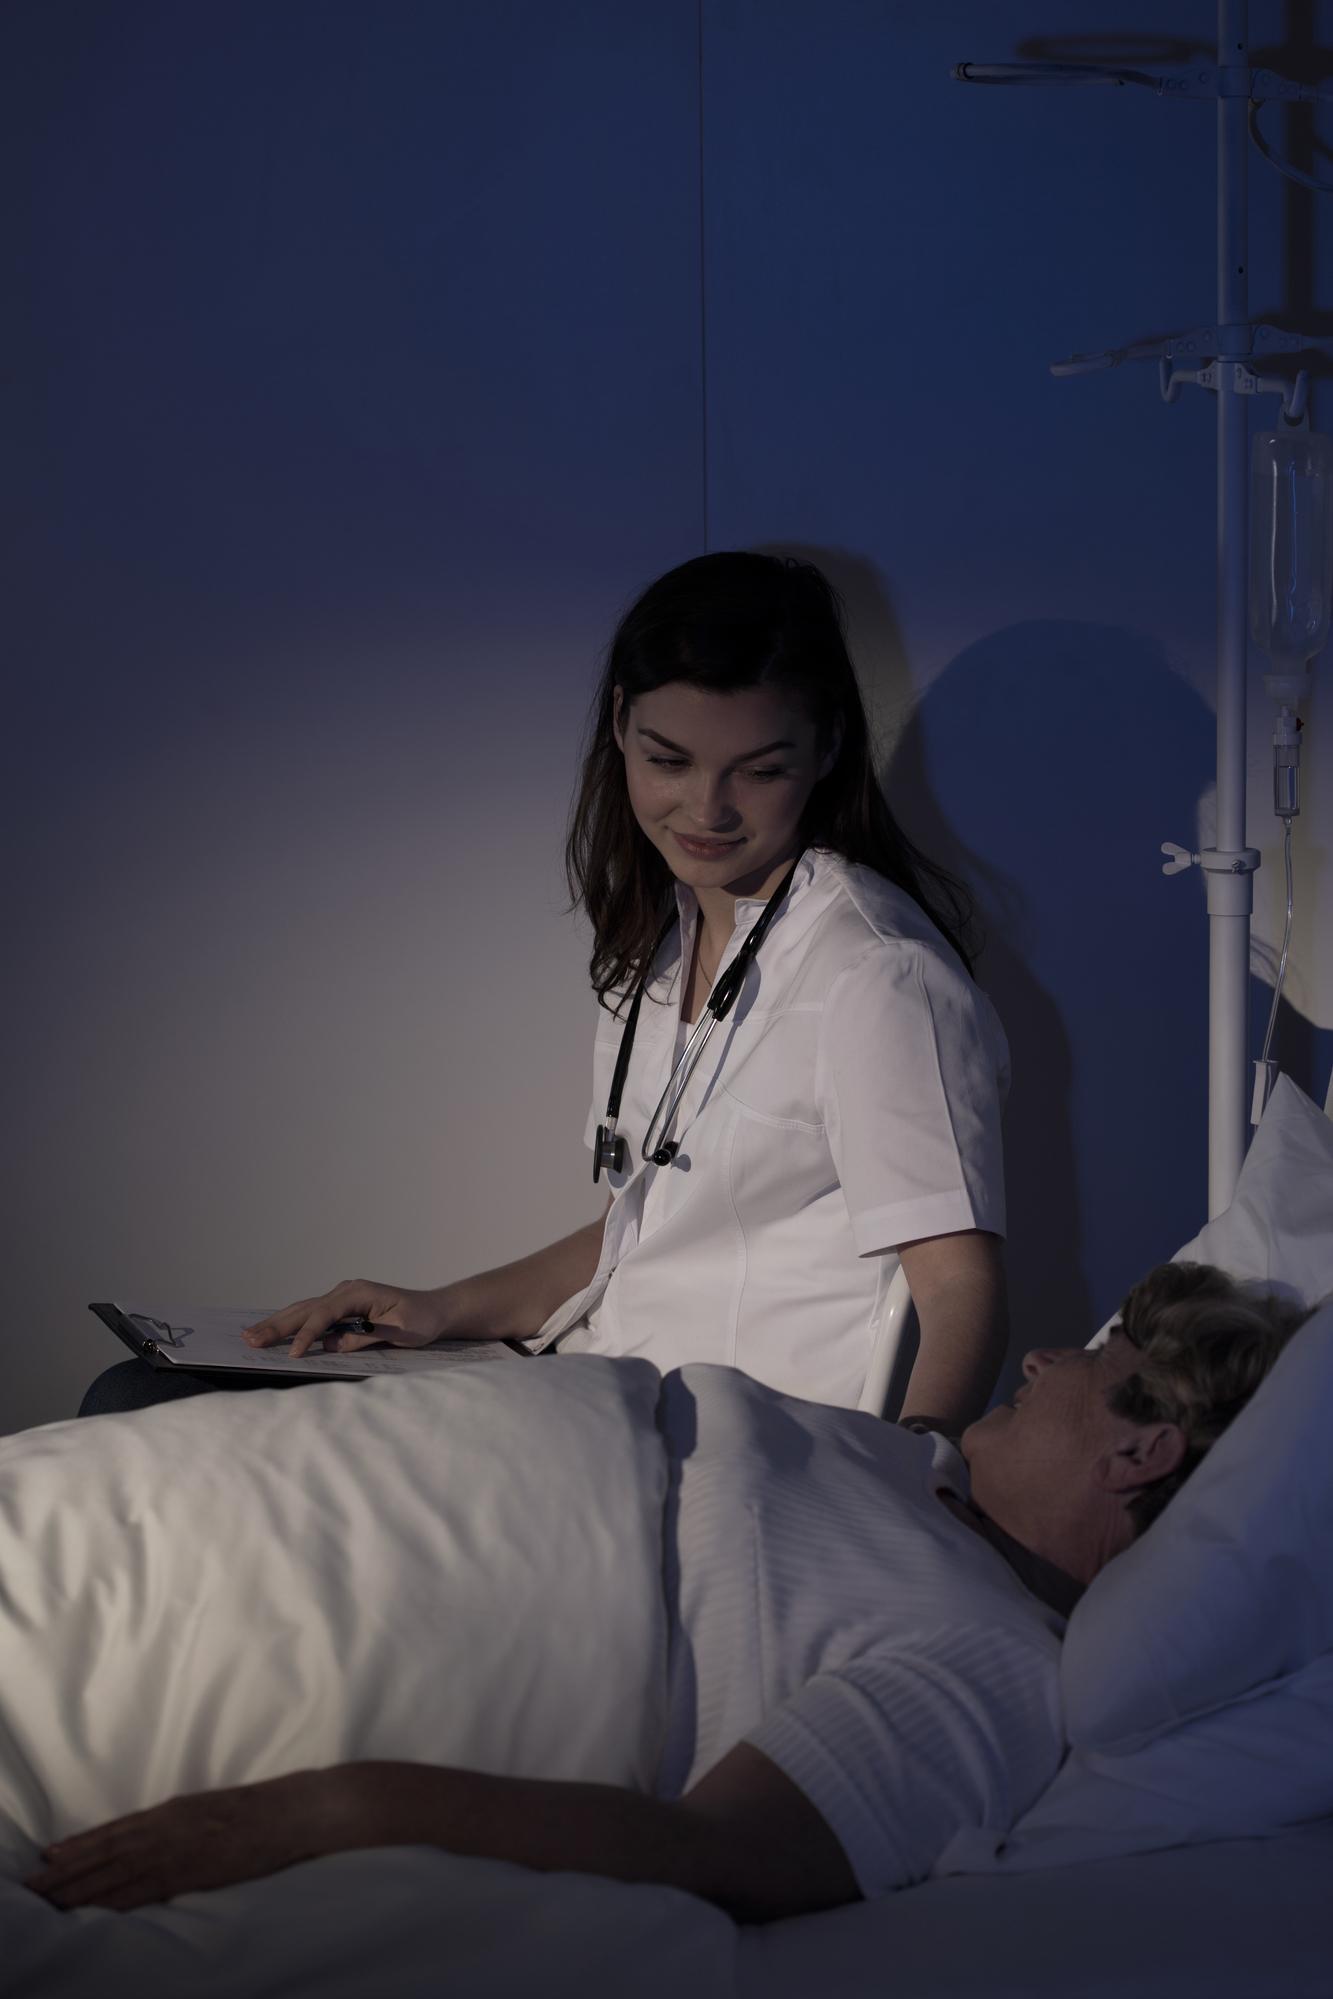 Наблюдение пациента специалистом